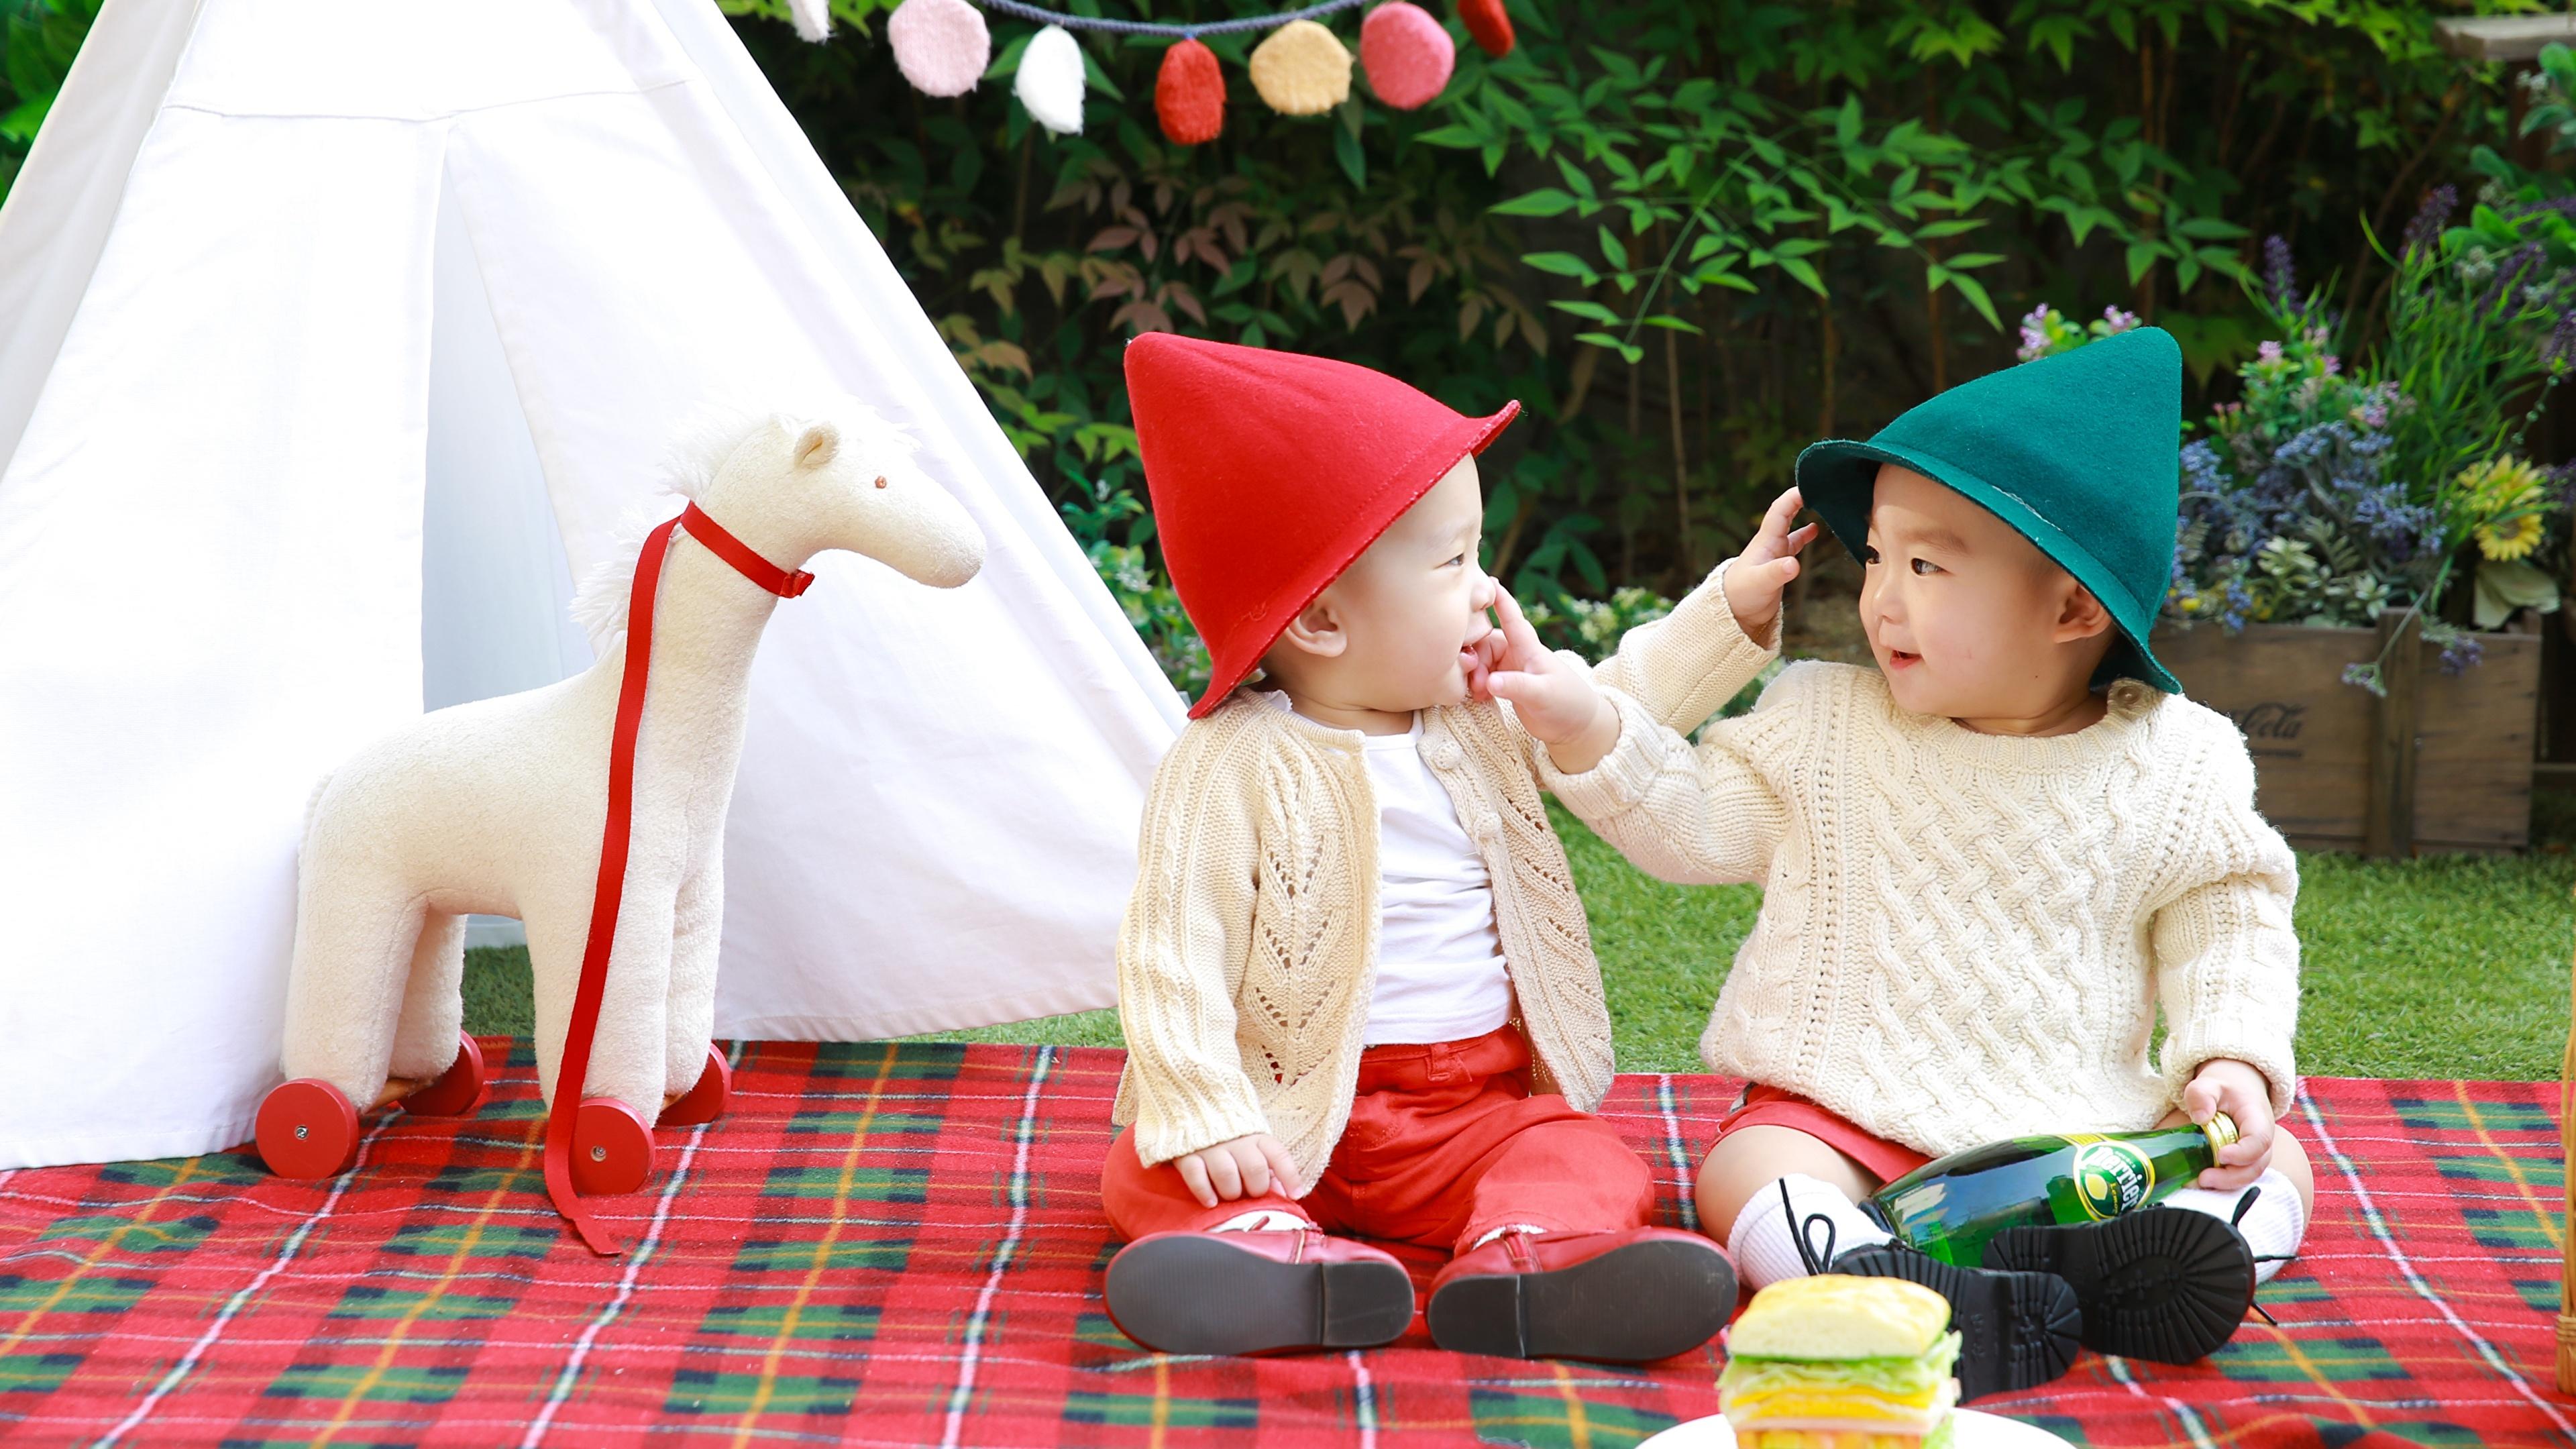 Bilder von jungen Kinder 2 Mütze Sweatshirt Asiatische sitzt 3840x2160 Junge kind Zwei sitzen Sitzend